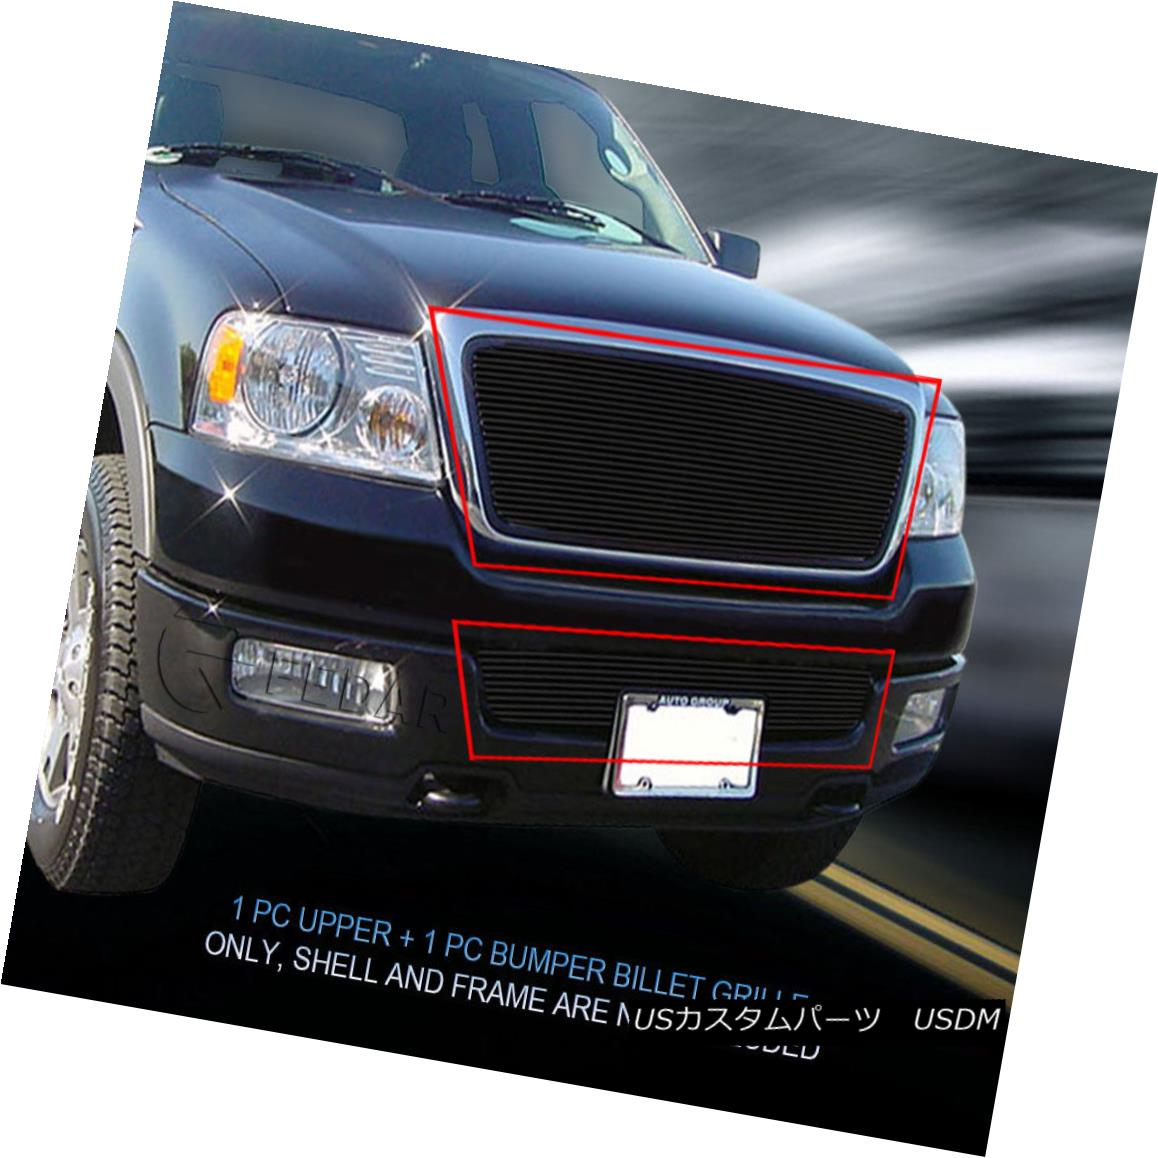 グリル 04-05 Ford F-150 F150 Black Billet Grille Combo Grill Insert Fedar 04-05フォードF-150 F150ブラックビレットグリルコンボグリルインサートフェルダー